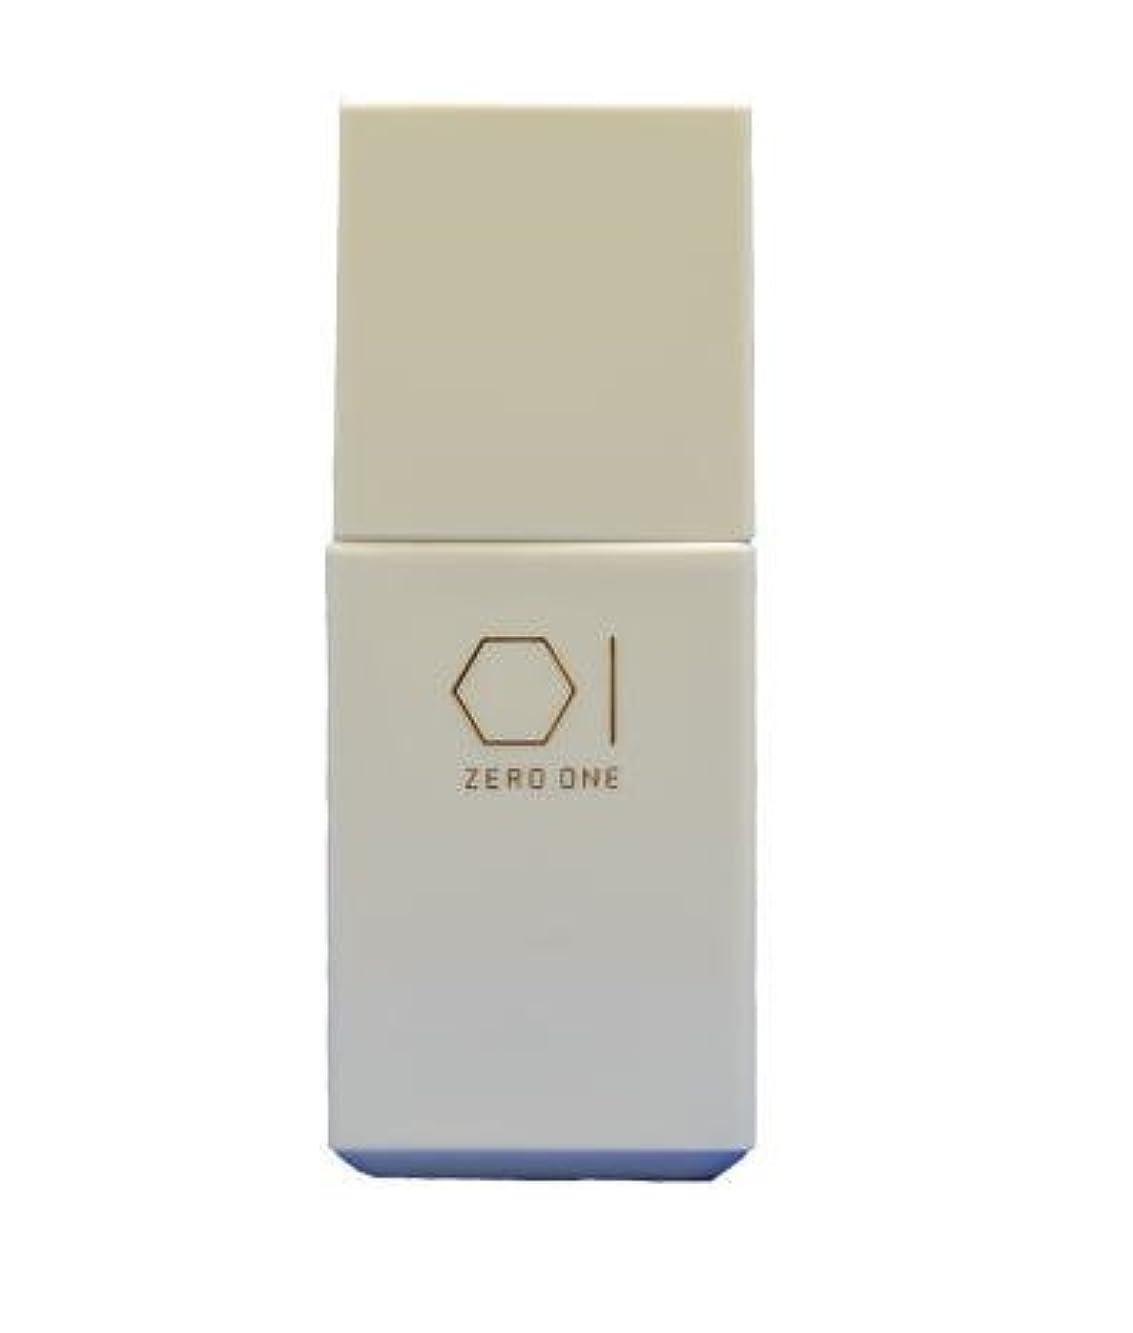 建設知覚できる美容師ZERO ONE(ゼロワン) 50ml